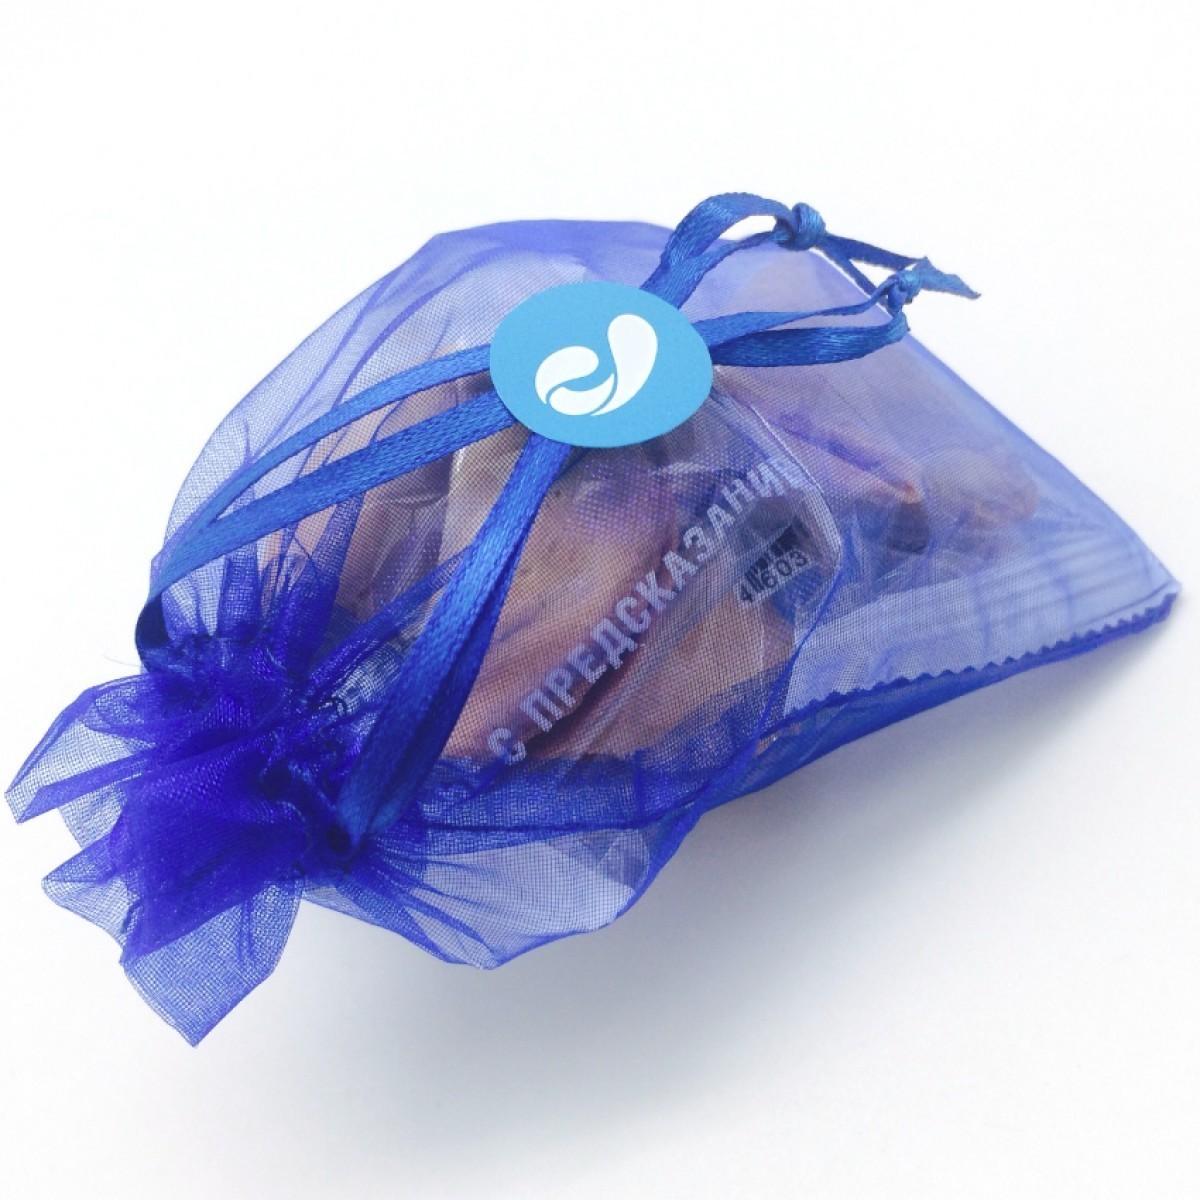 Печенье с предсказаниями с логотипом / Производство кондитерских изделий под заказ